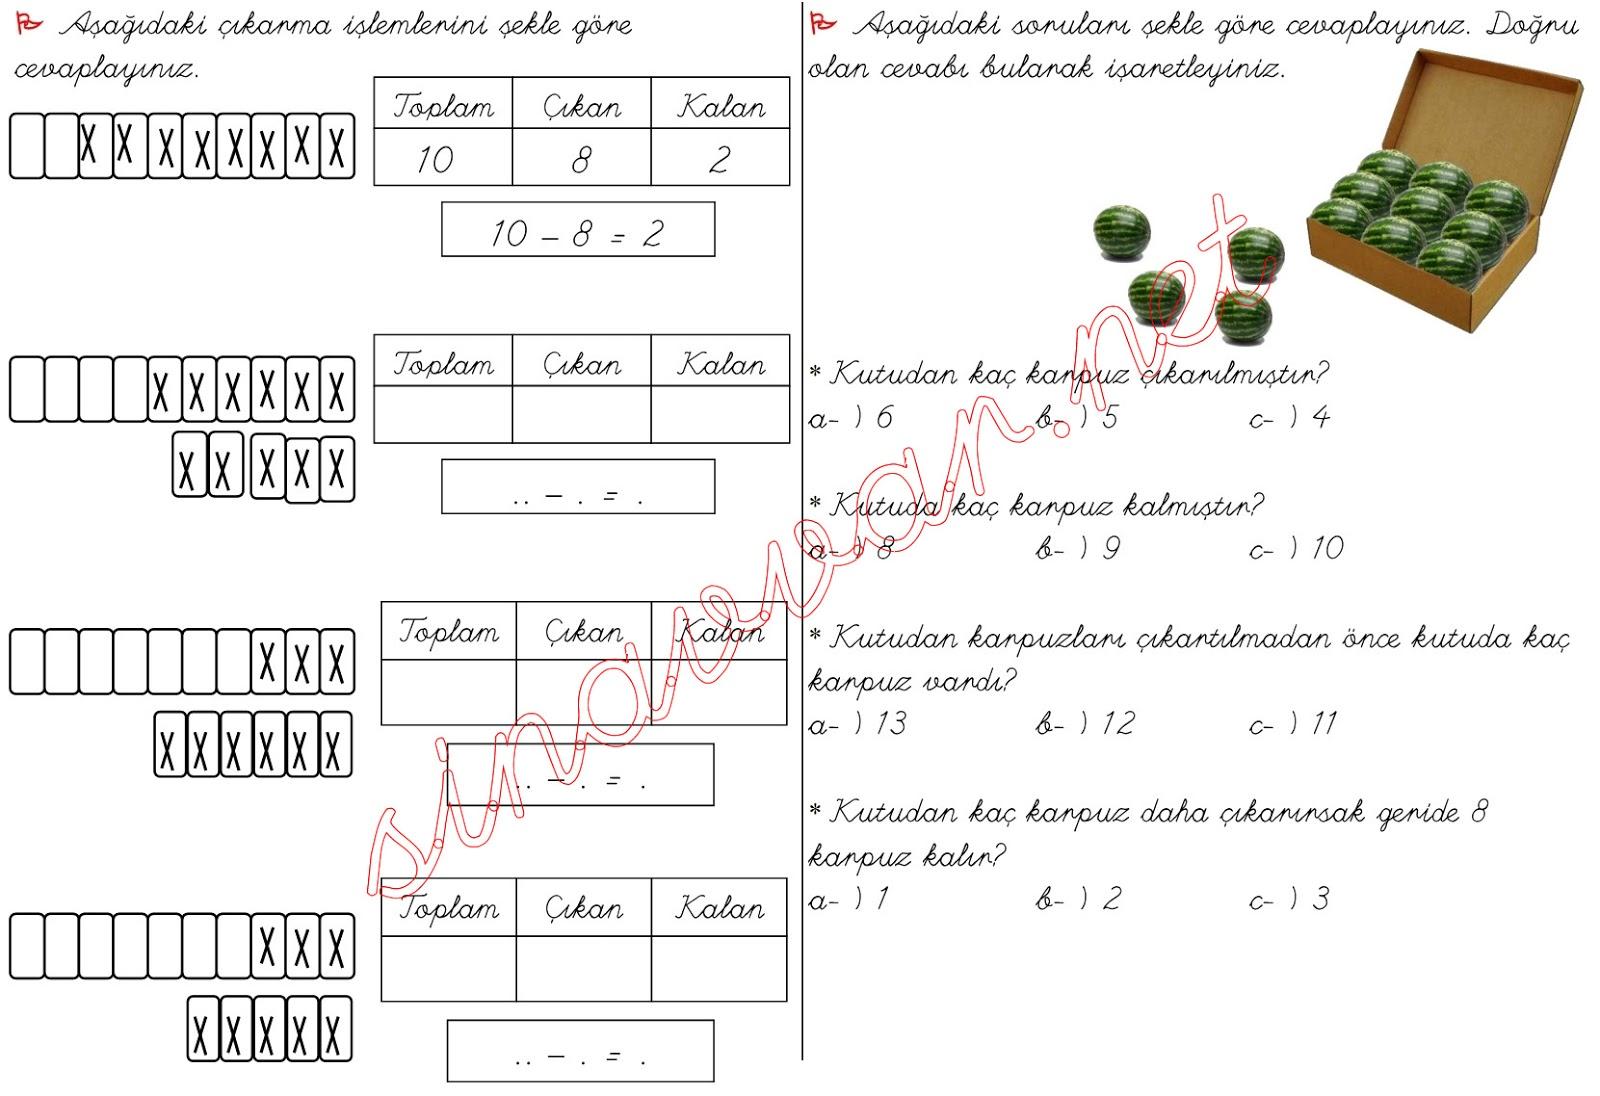 236 kB · jpeg, Sınıf matematik dersi çıkarma işlemi problemleri